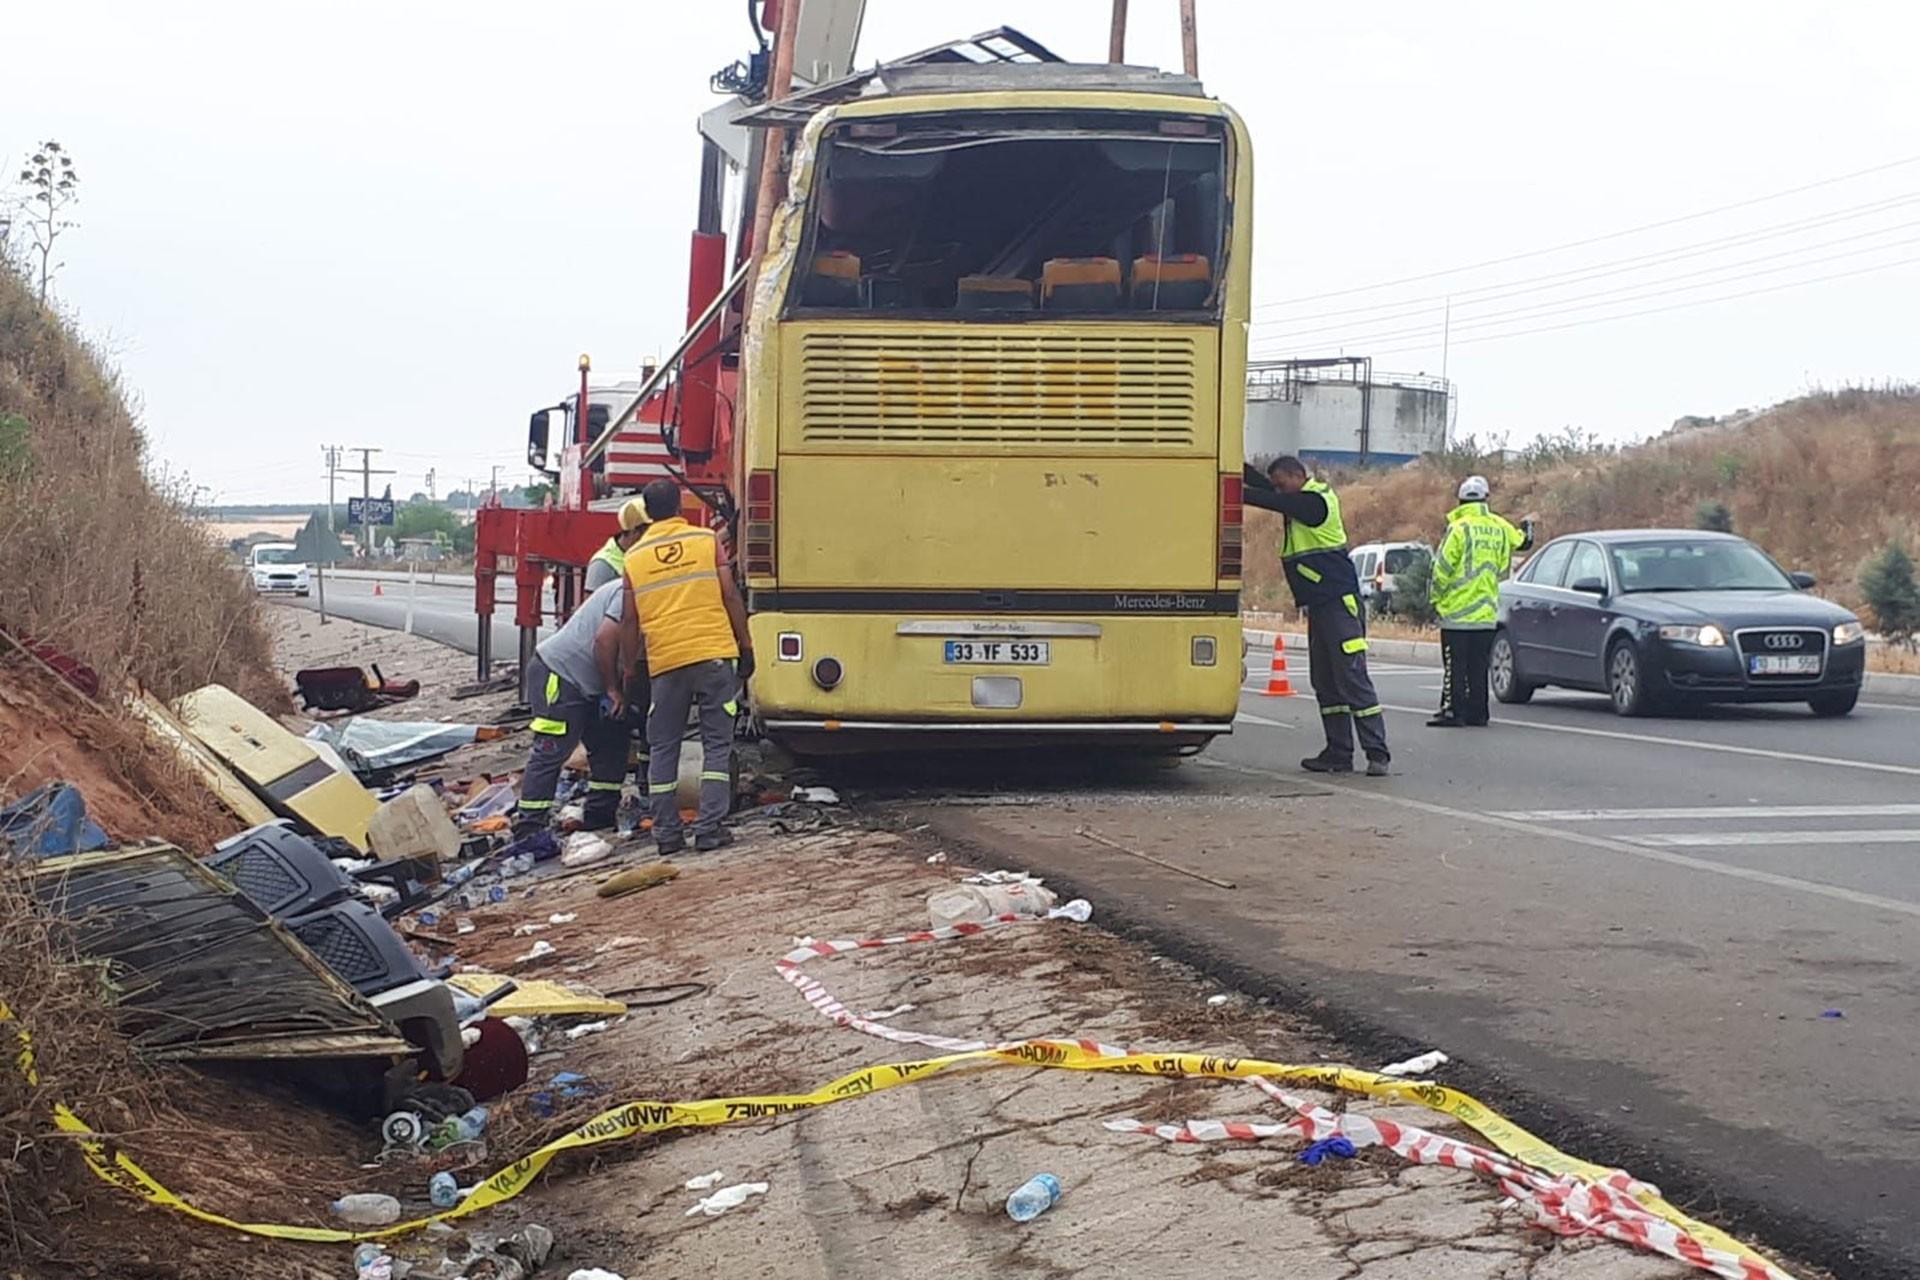 Bandırma'da tur otobüsü ve otomobil çarpıştı: 4 ölü, 35 yaralı